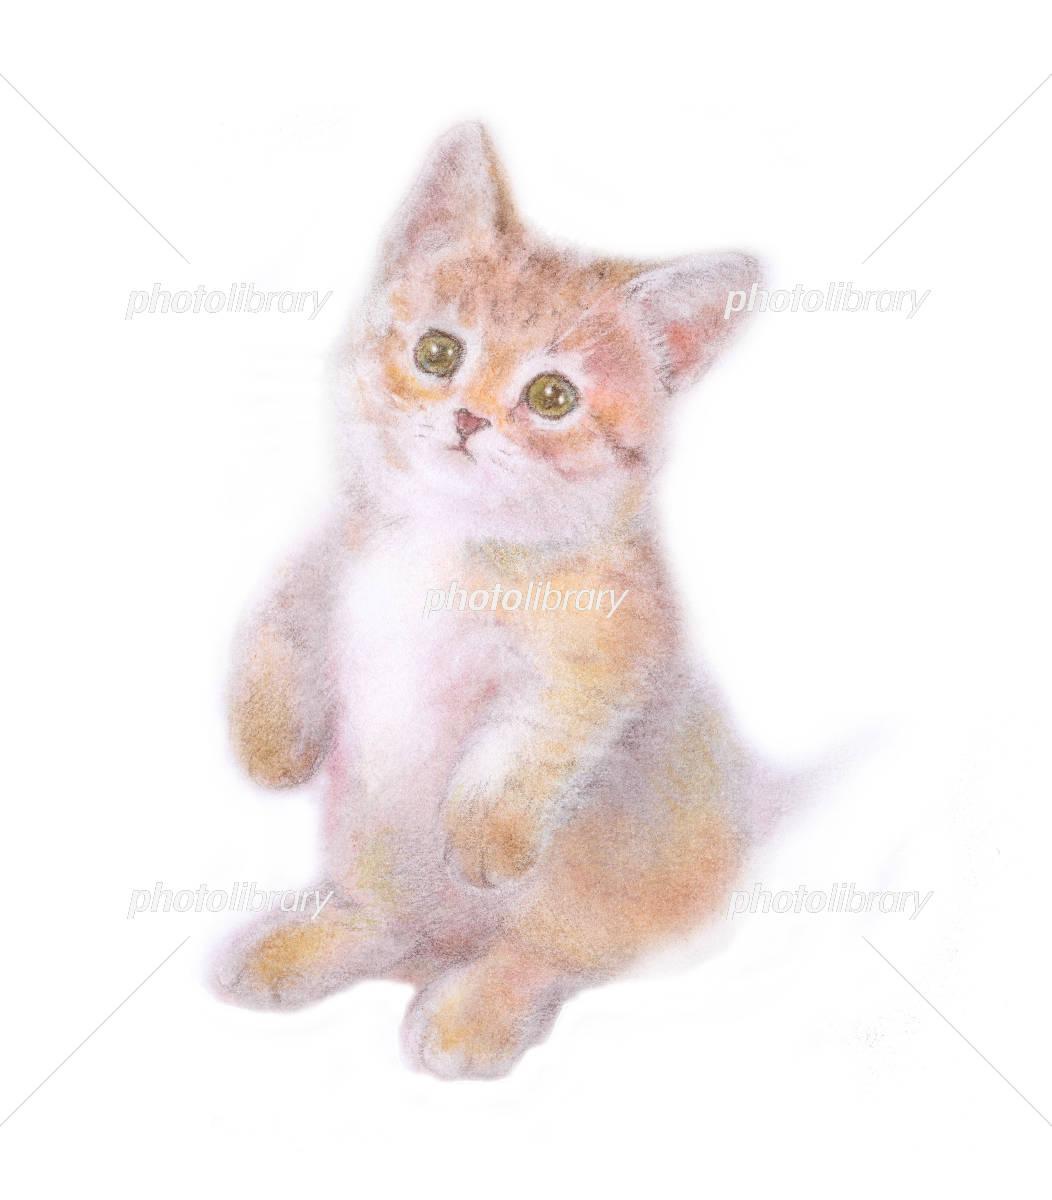 子猫 マンチカン 足の短い子猫 イラスト素材 4331618 フォト